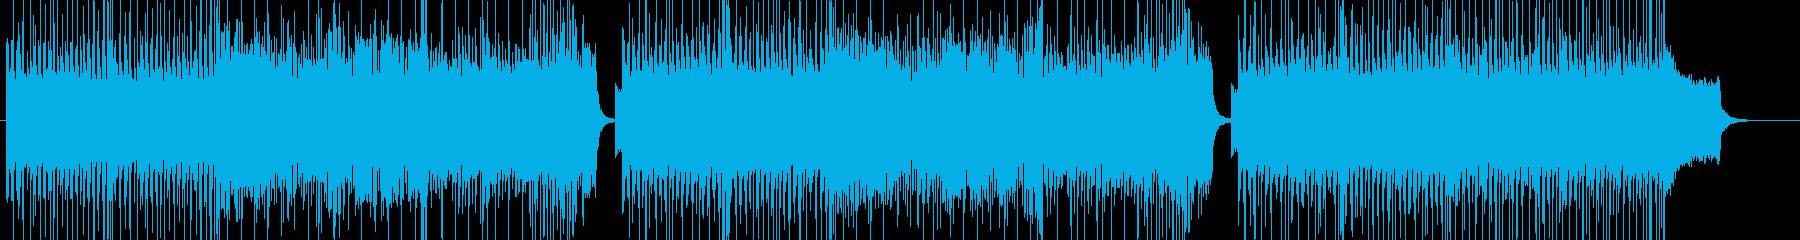 「HR/HM」「POWER」BGM293の再生済みの波形